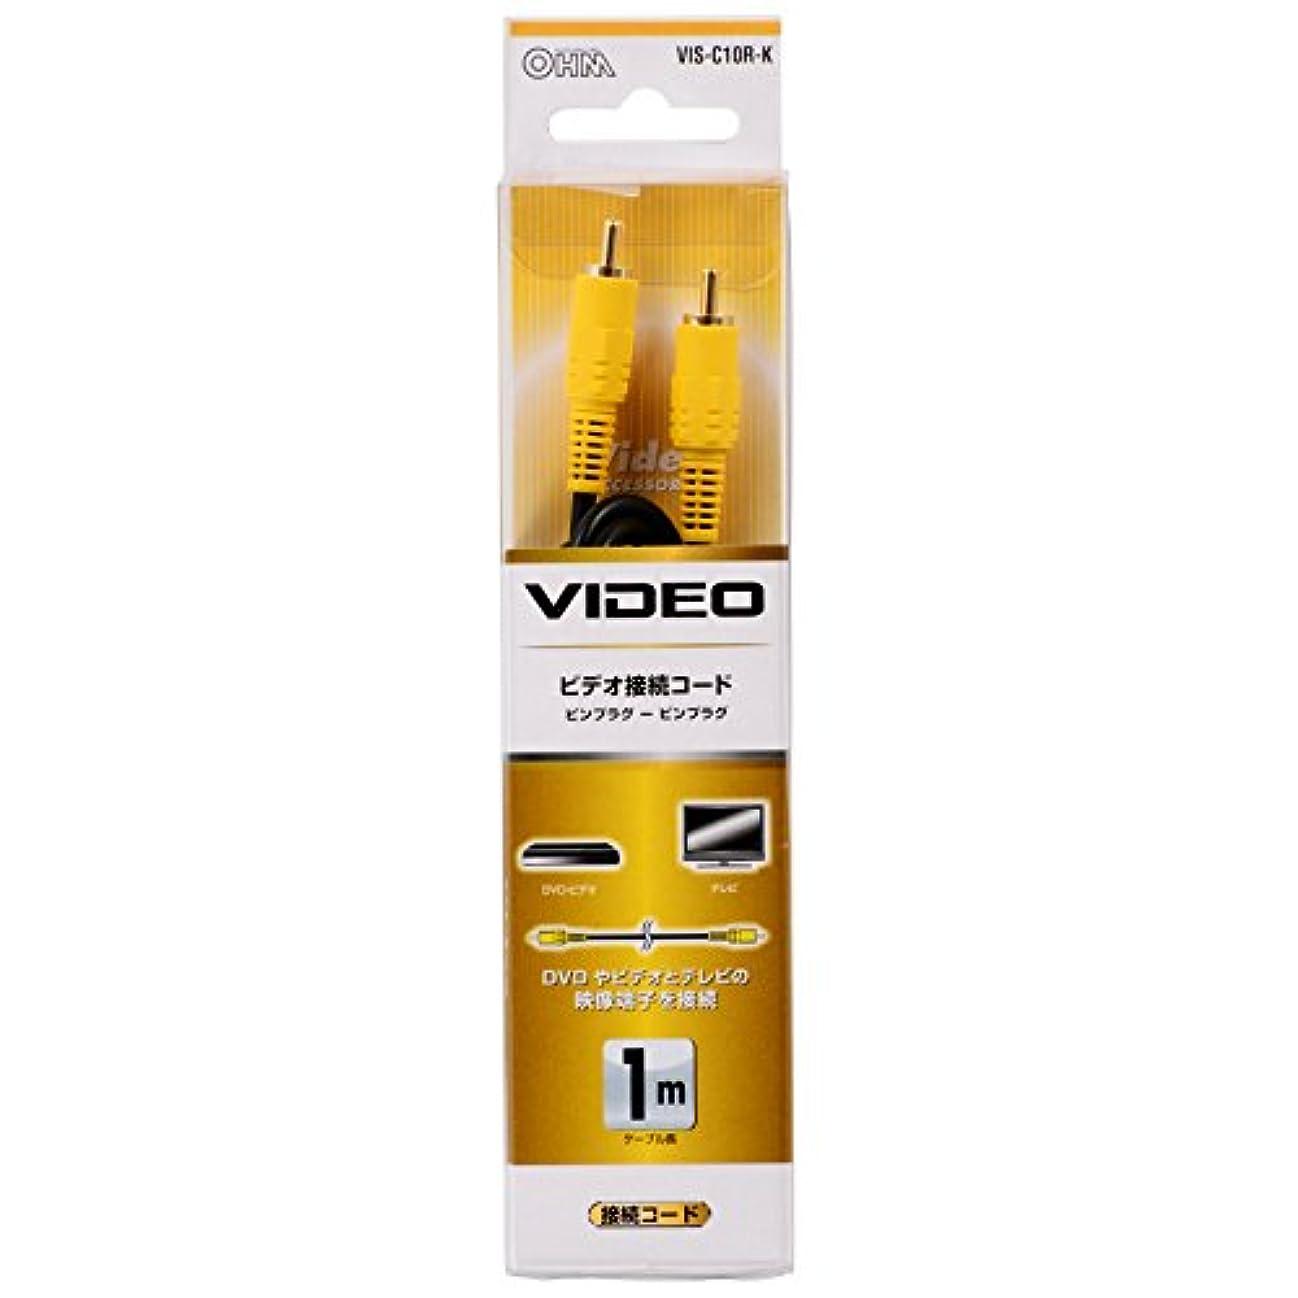 旋律的不従順除外するKL29696 ビデオ接続コード 1m VIS-C10R-K